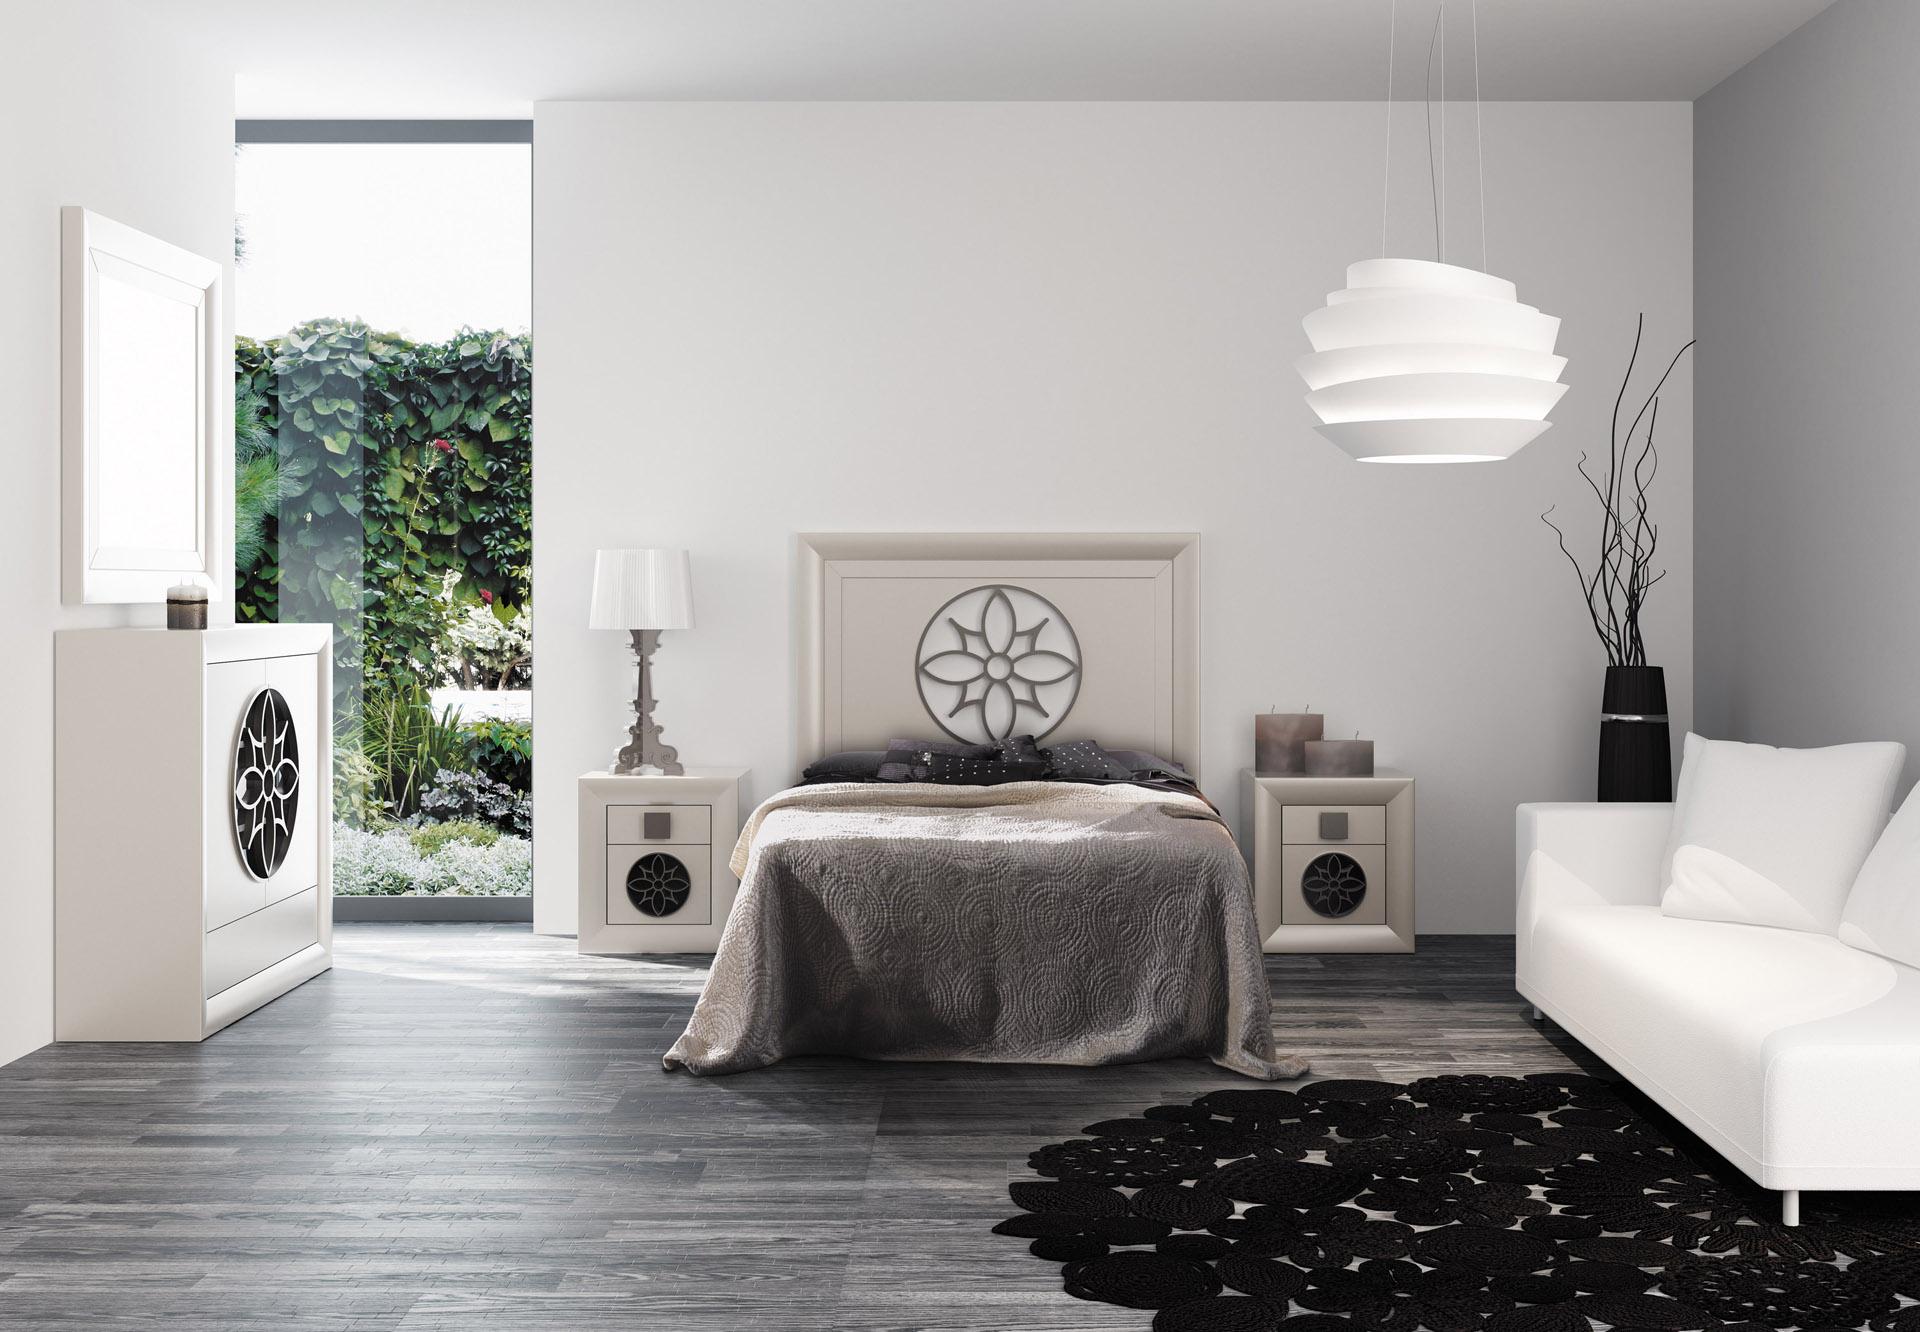 Dormitorios Coloniales Y Neoclasicos Artemueble # Muebles Neoclasicos Modernos